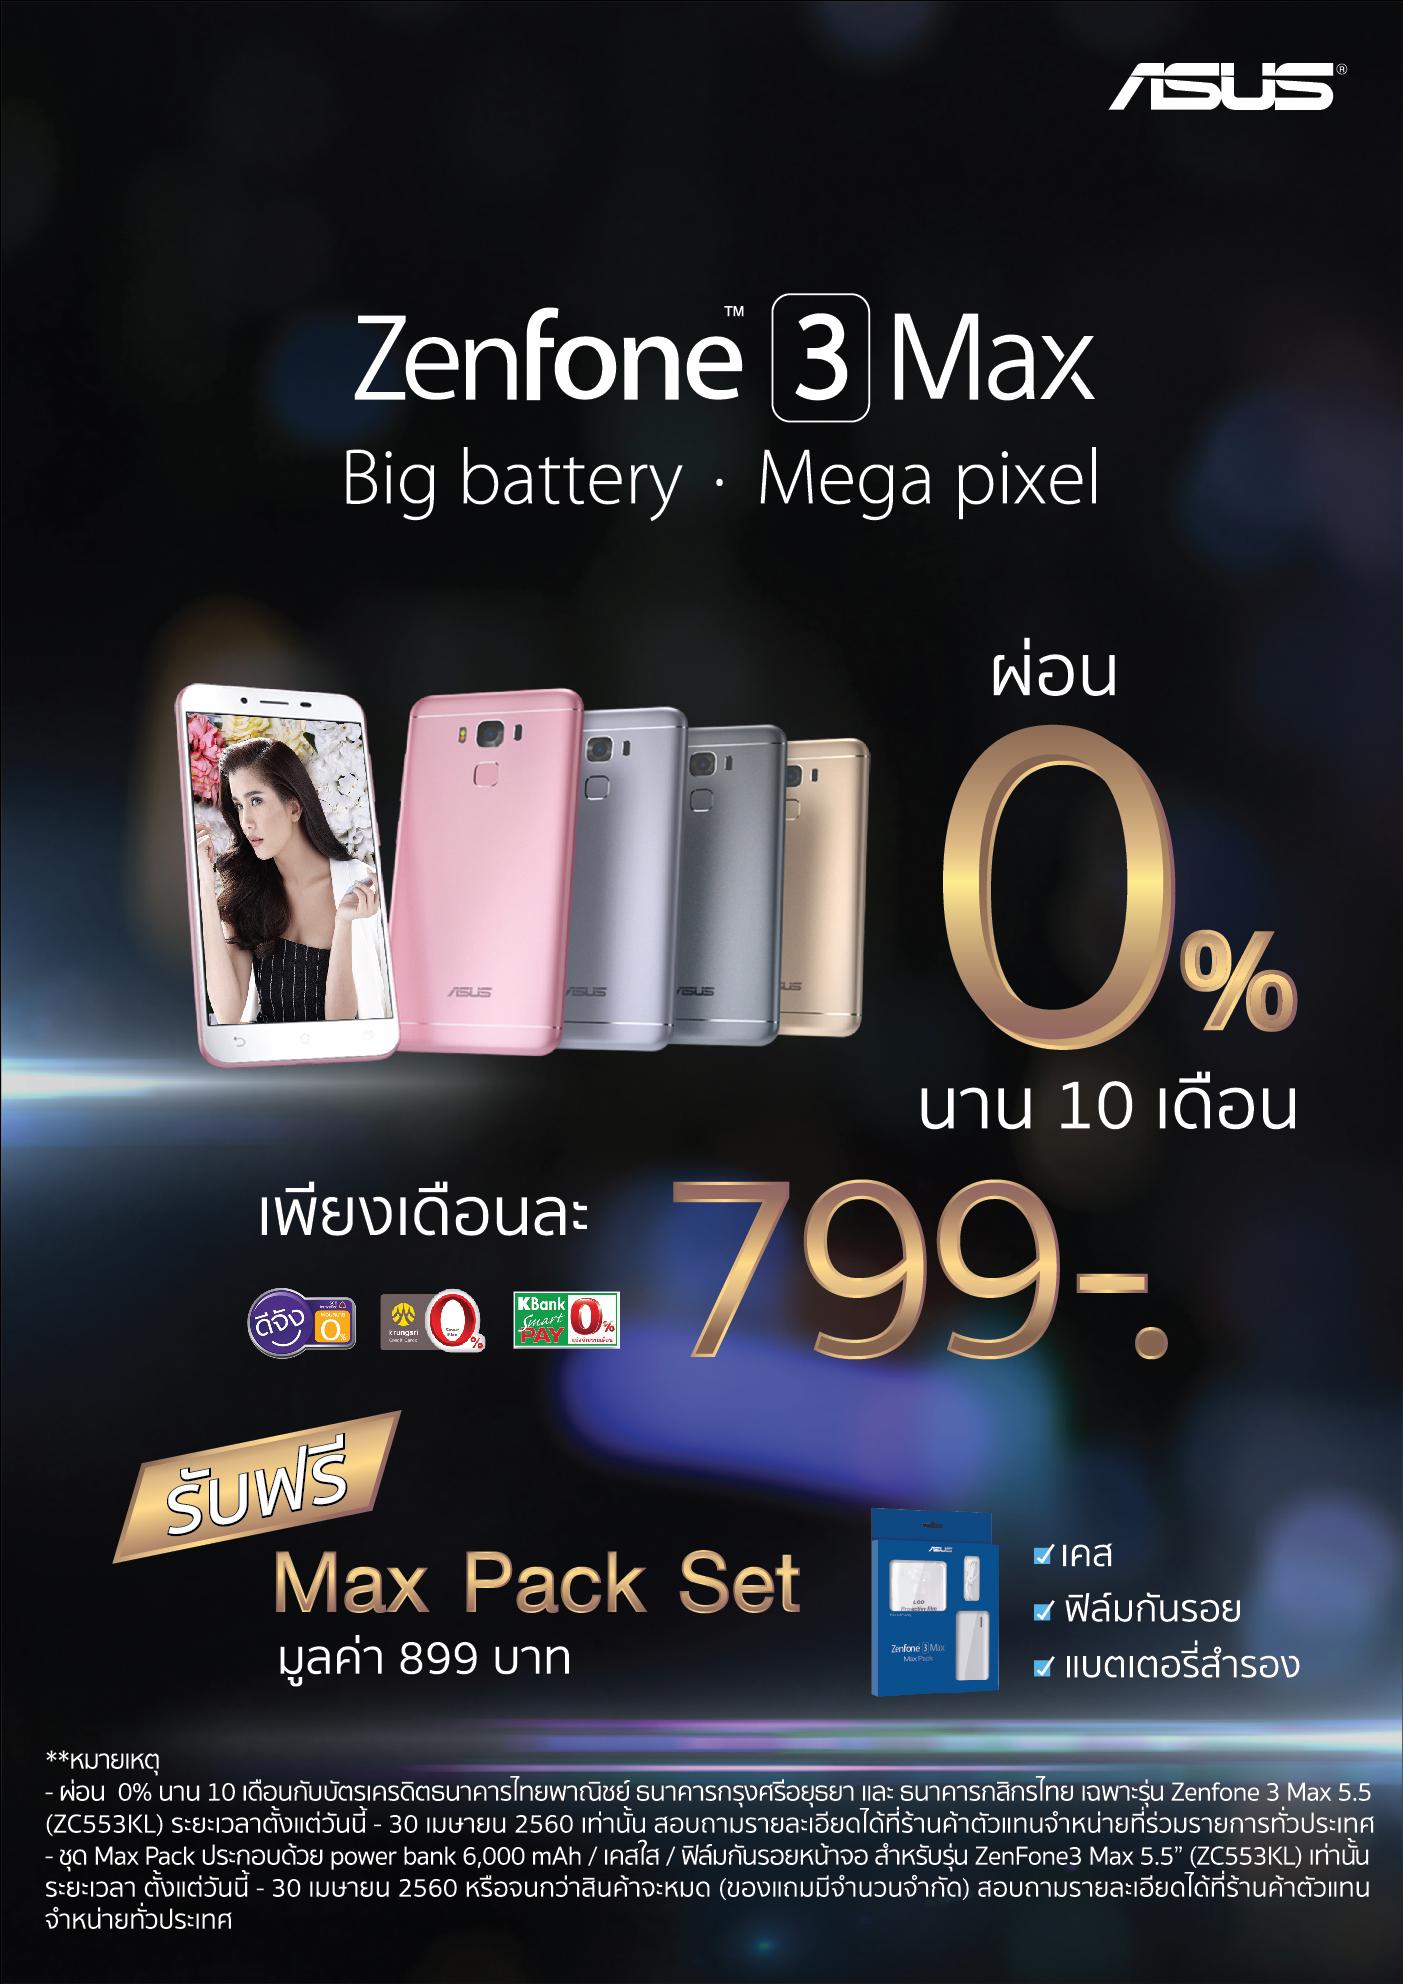 AW-ZenFone3_Max-TVC-Promo-A5_OL-01 copy